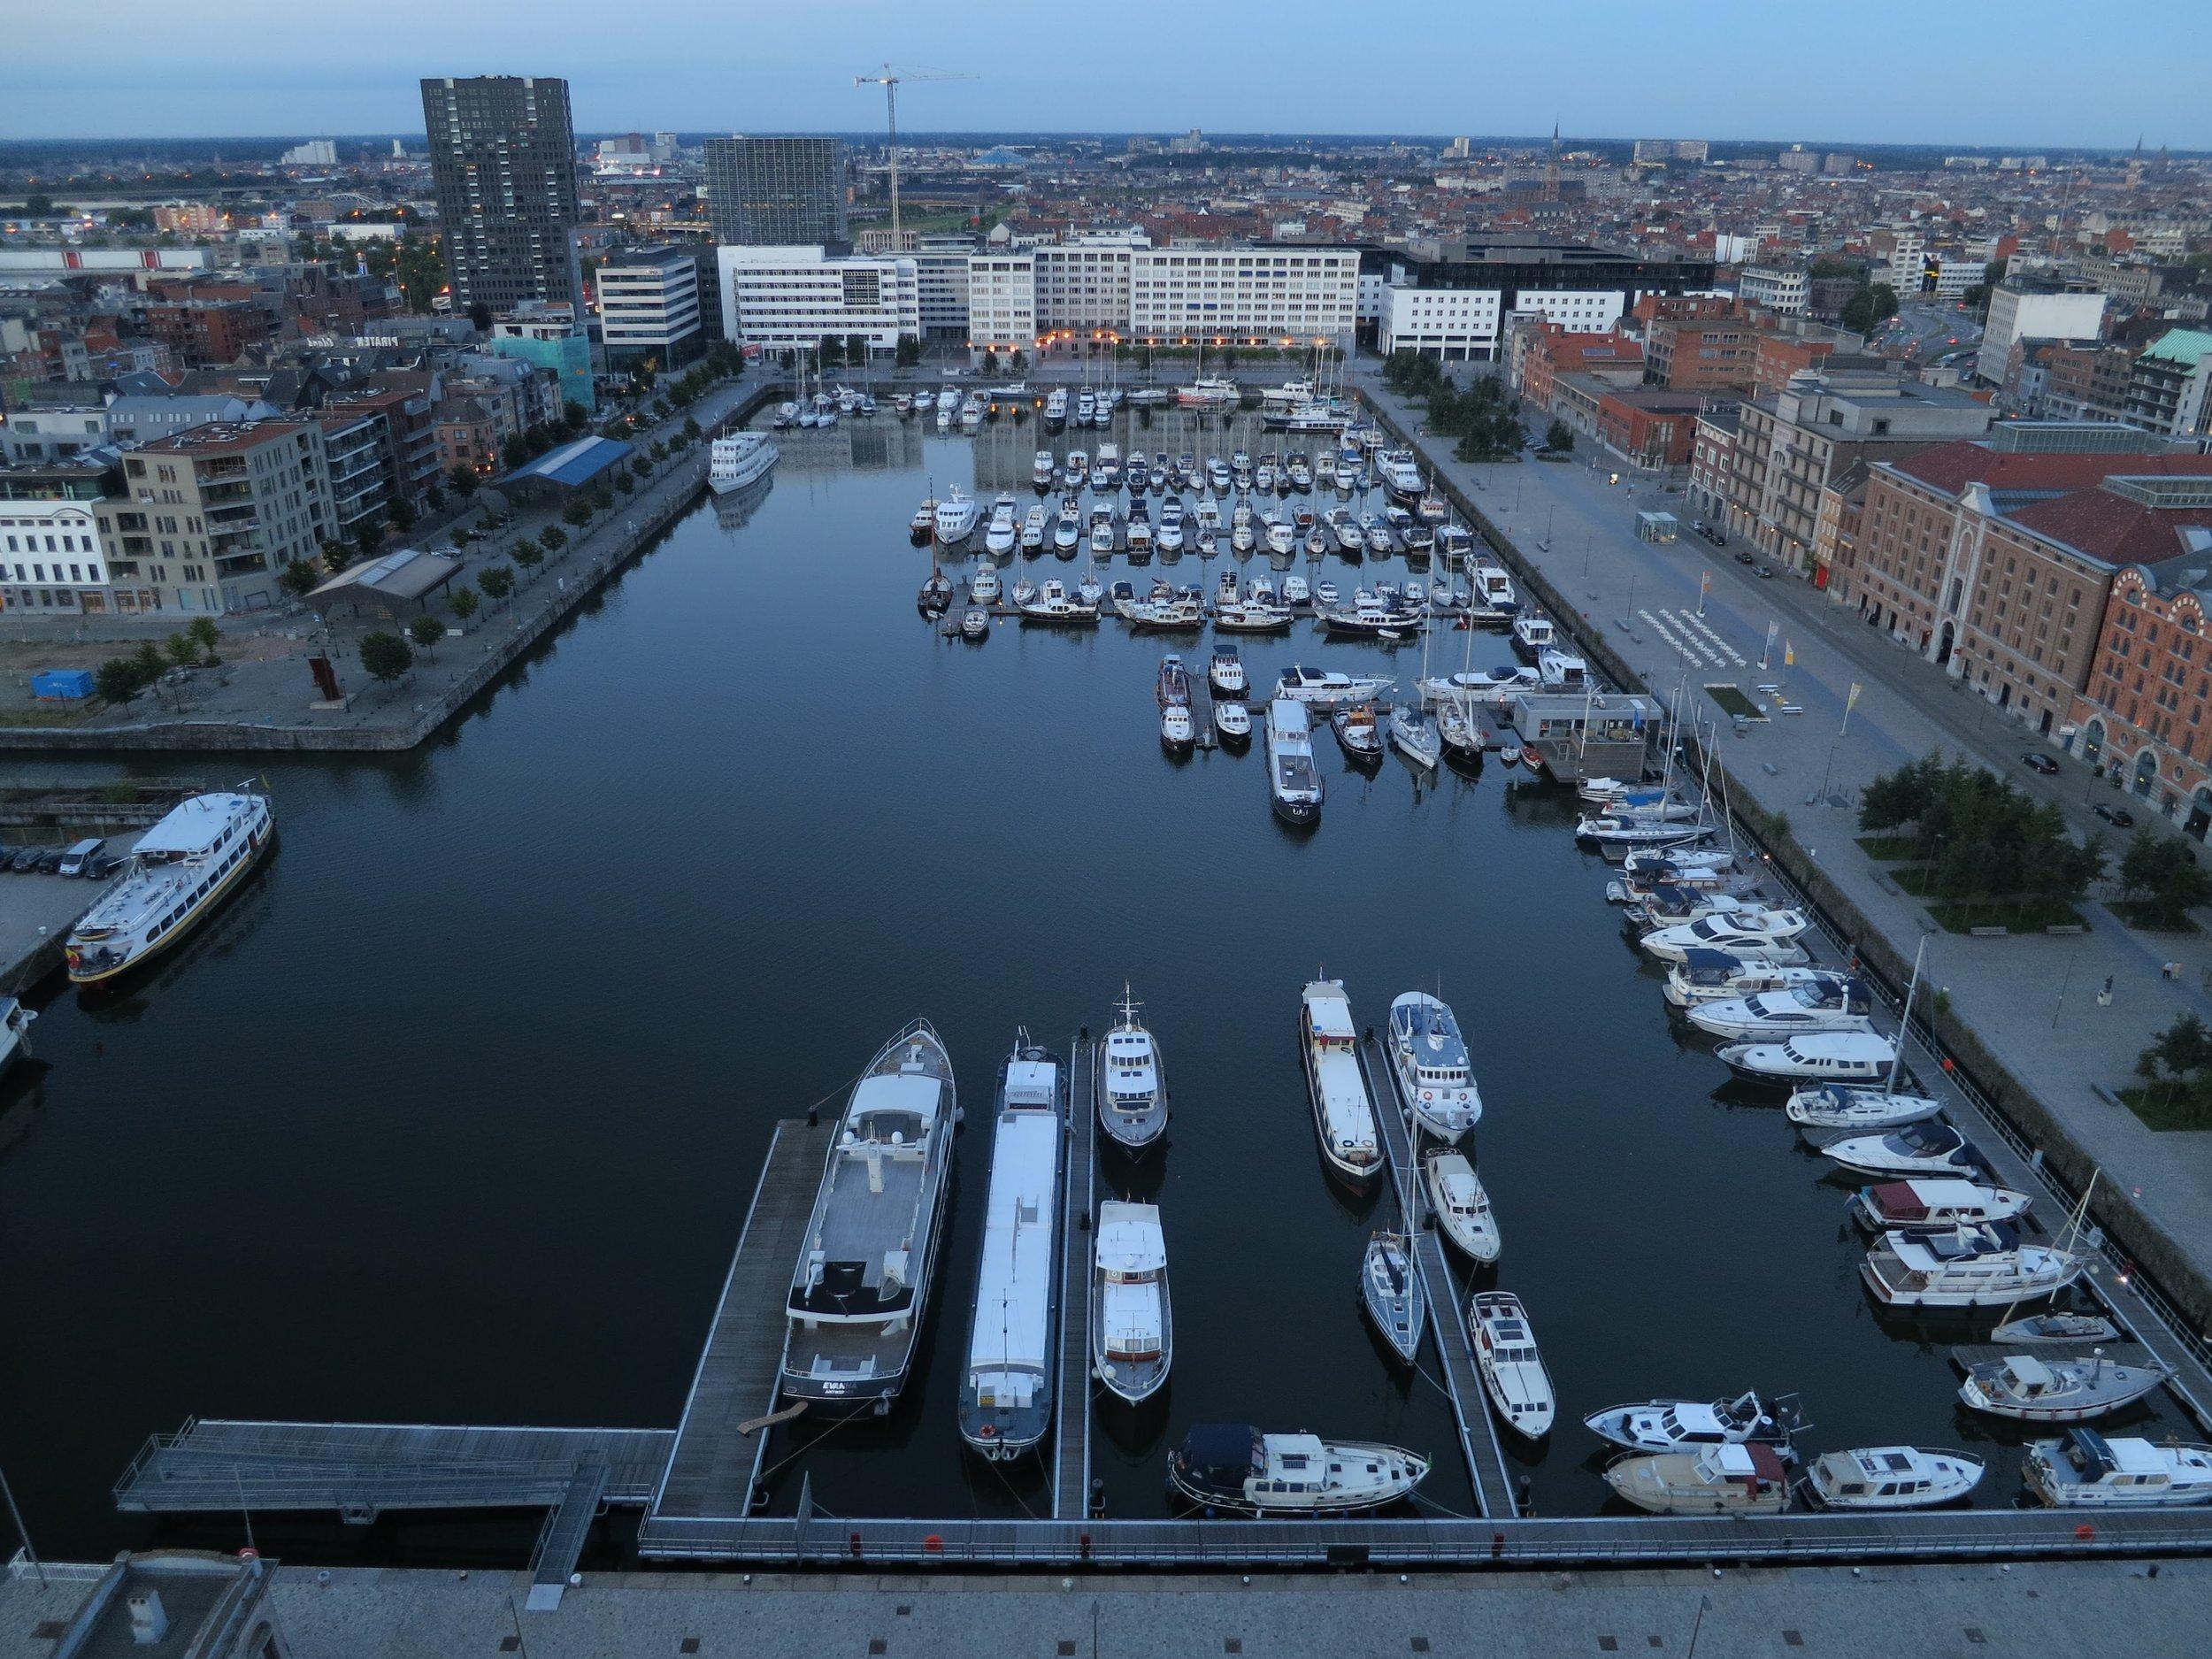 The Eilandje in Antwerp